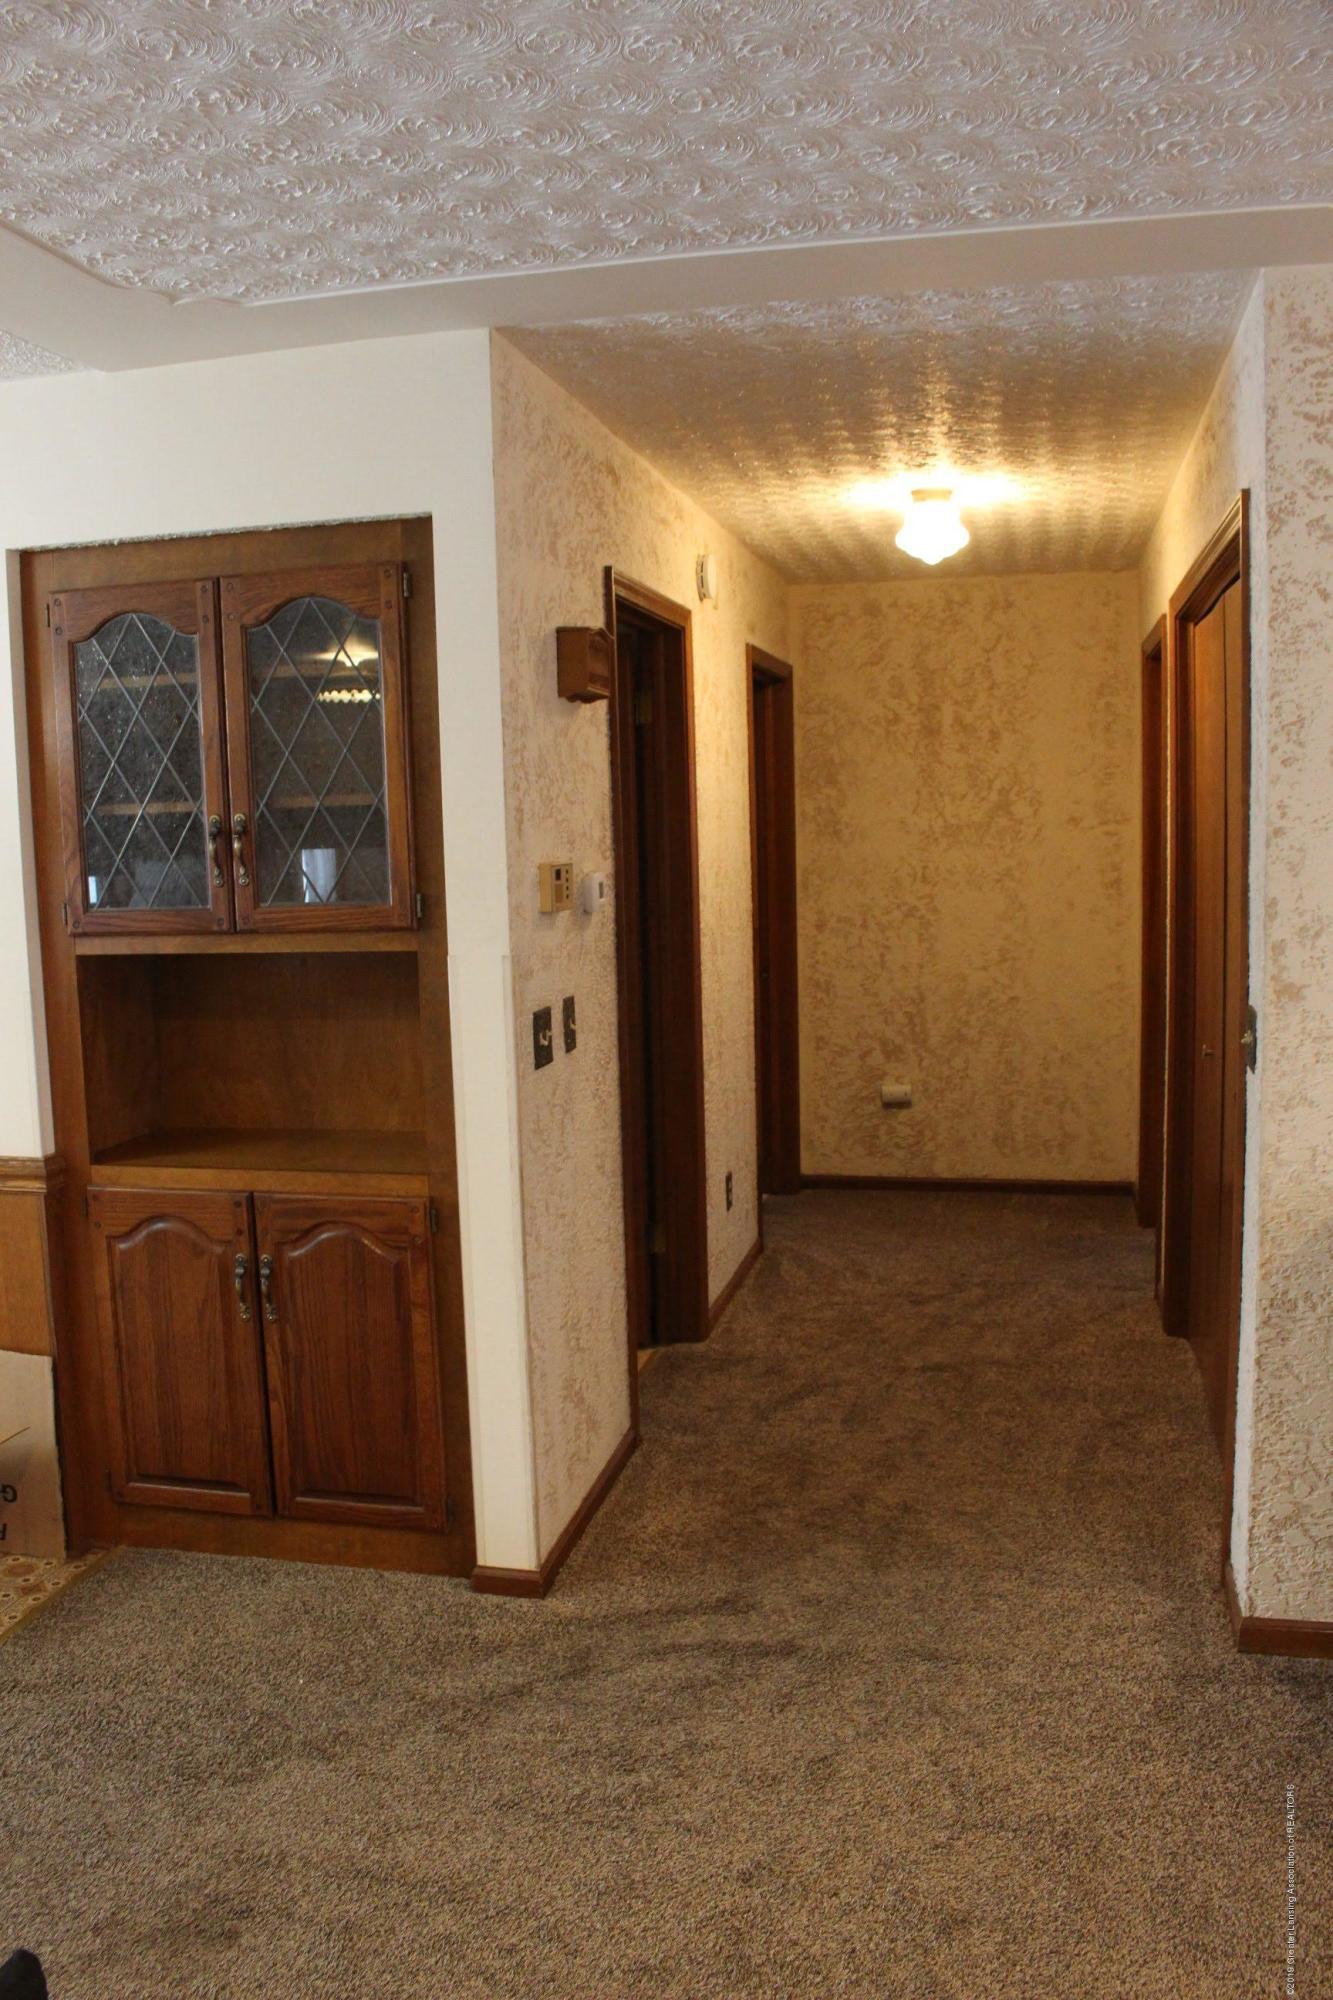 436 N Maple St - Hallway - 8